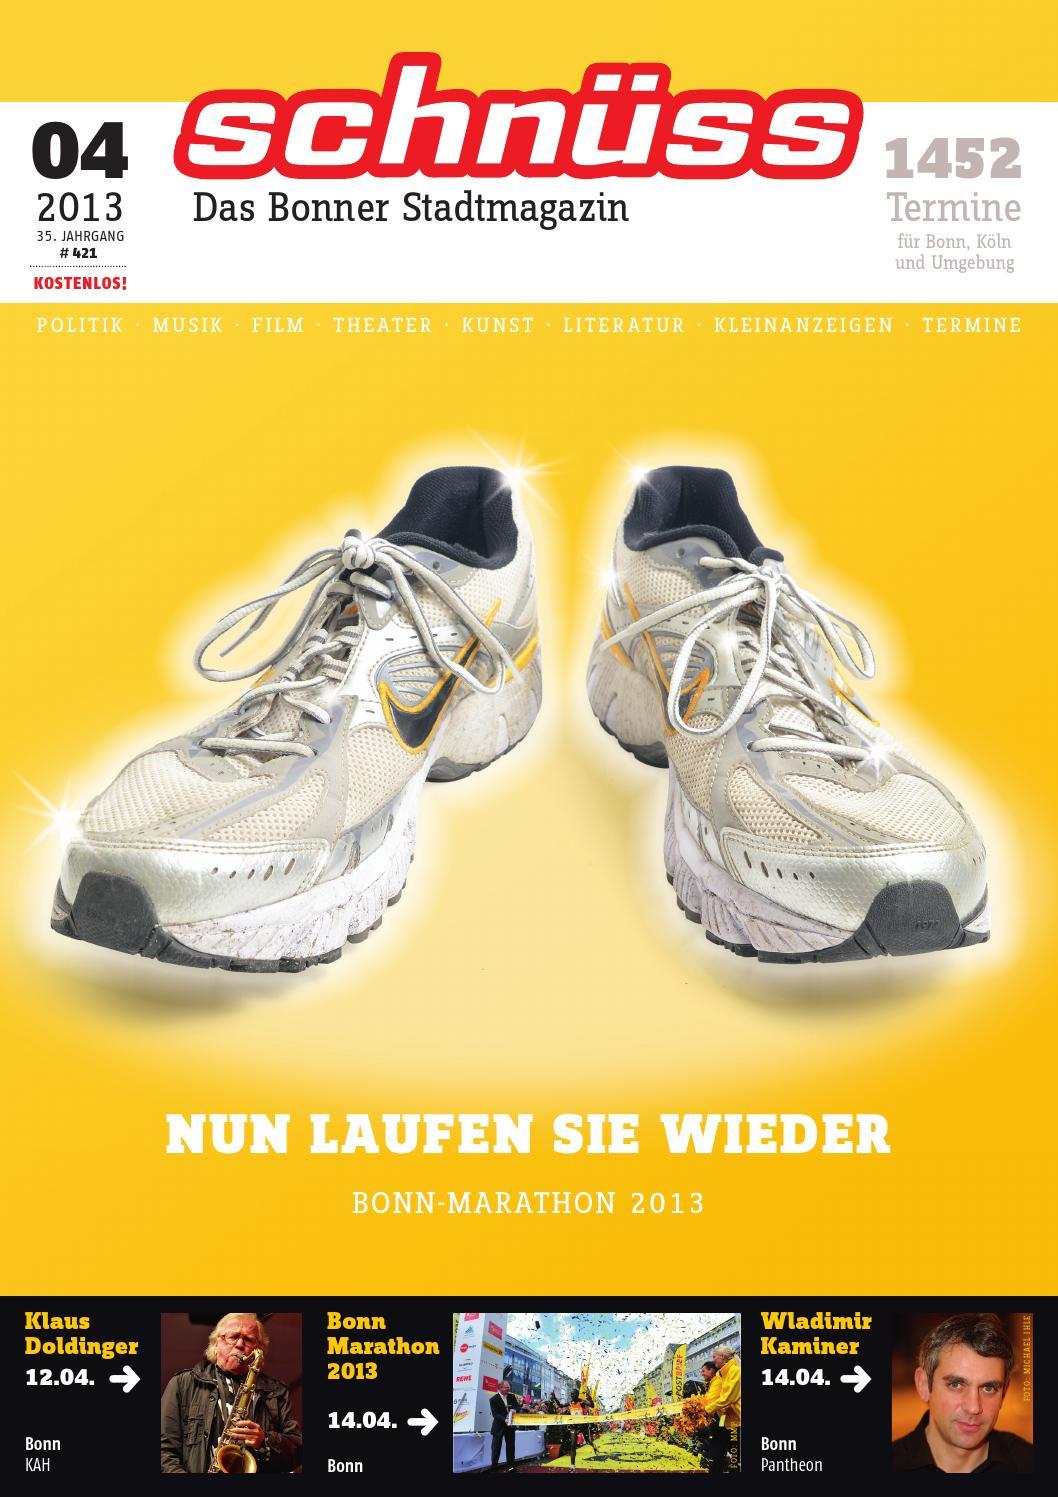 Schnüss 2013 04 by schnüss das bonner stadtmagazin issuu